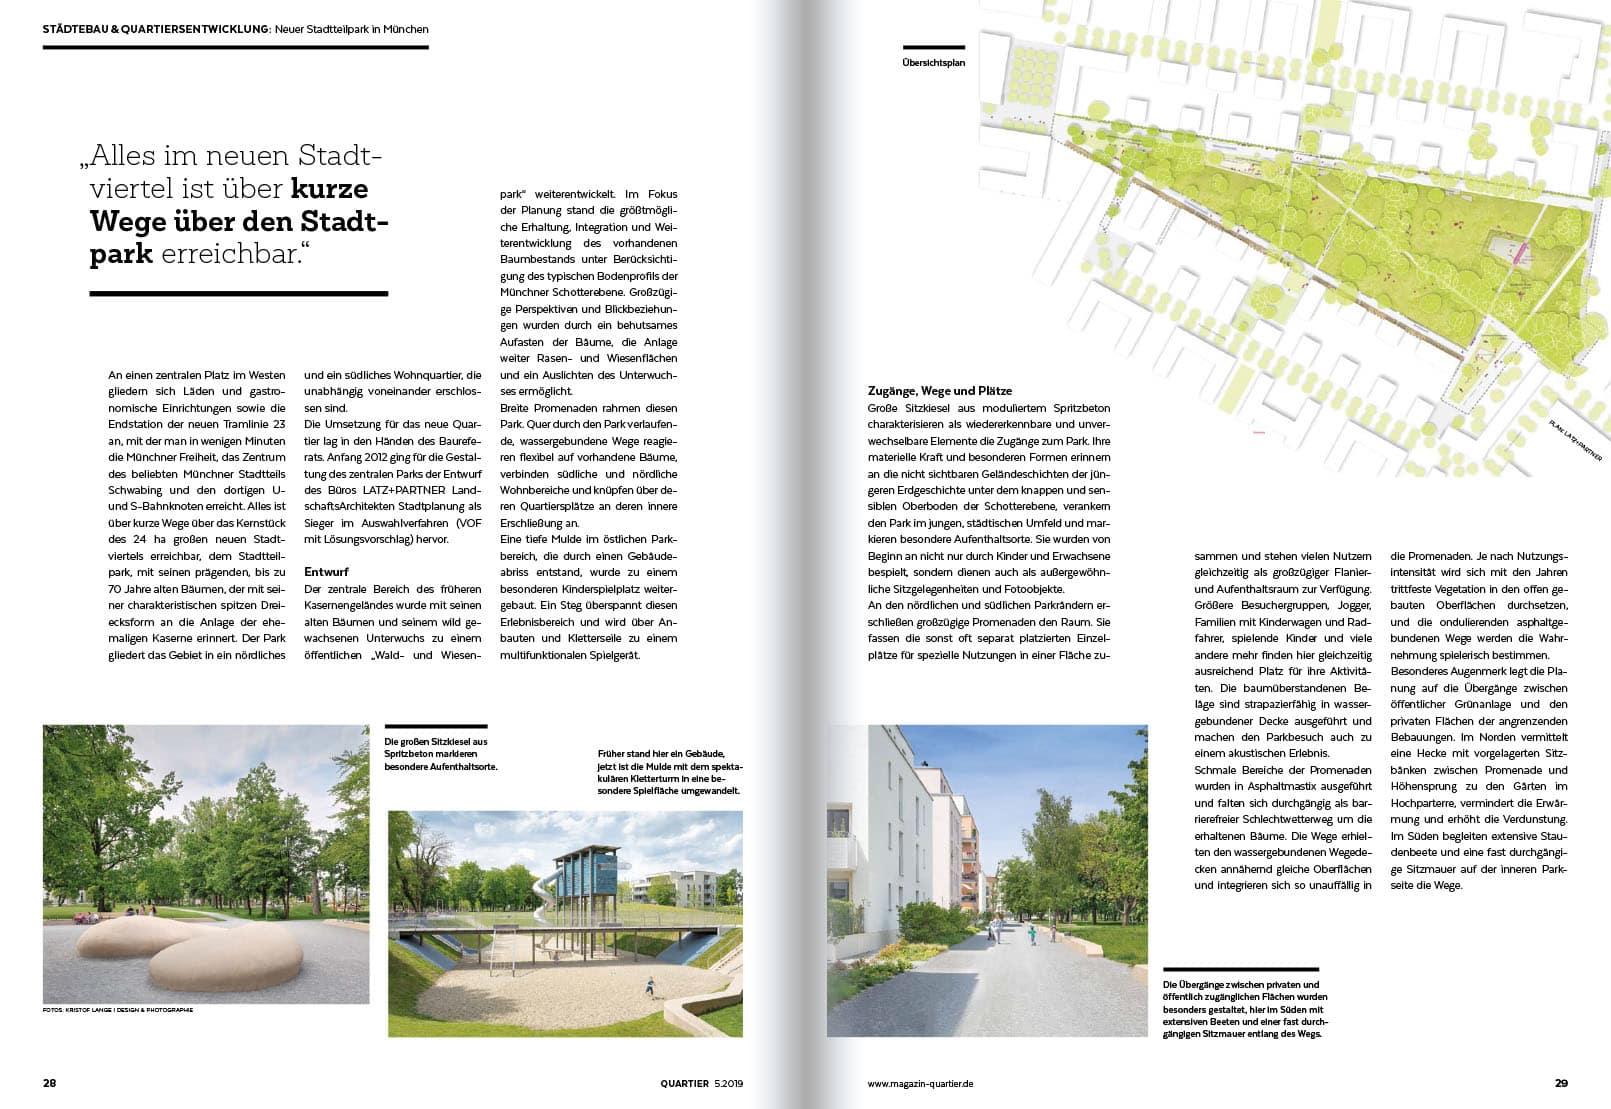 2019-12 Stadteilpark München 2